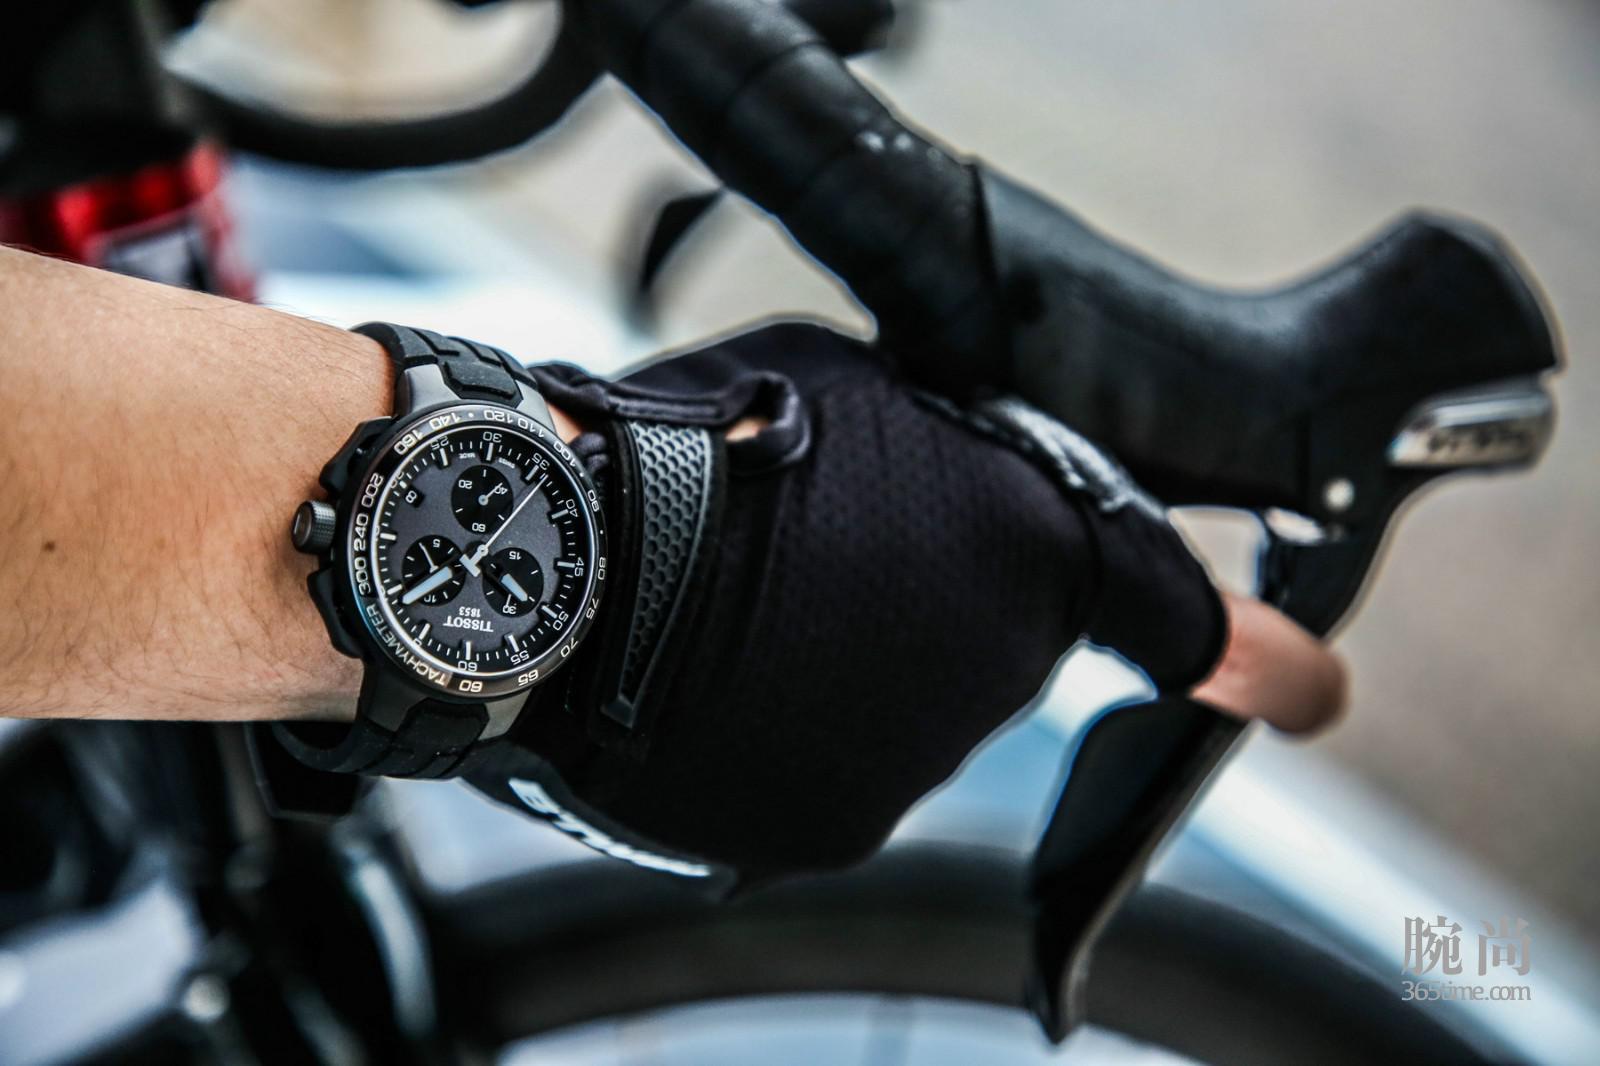 图5:天梭竞速系列自行车特别款腕表.jpg